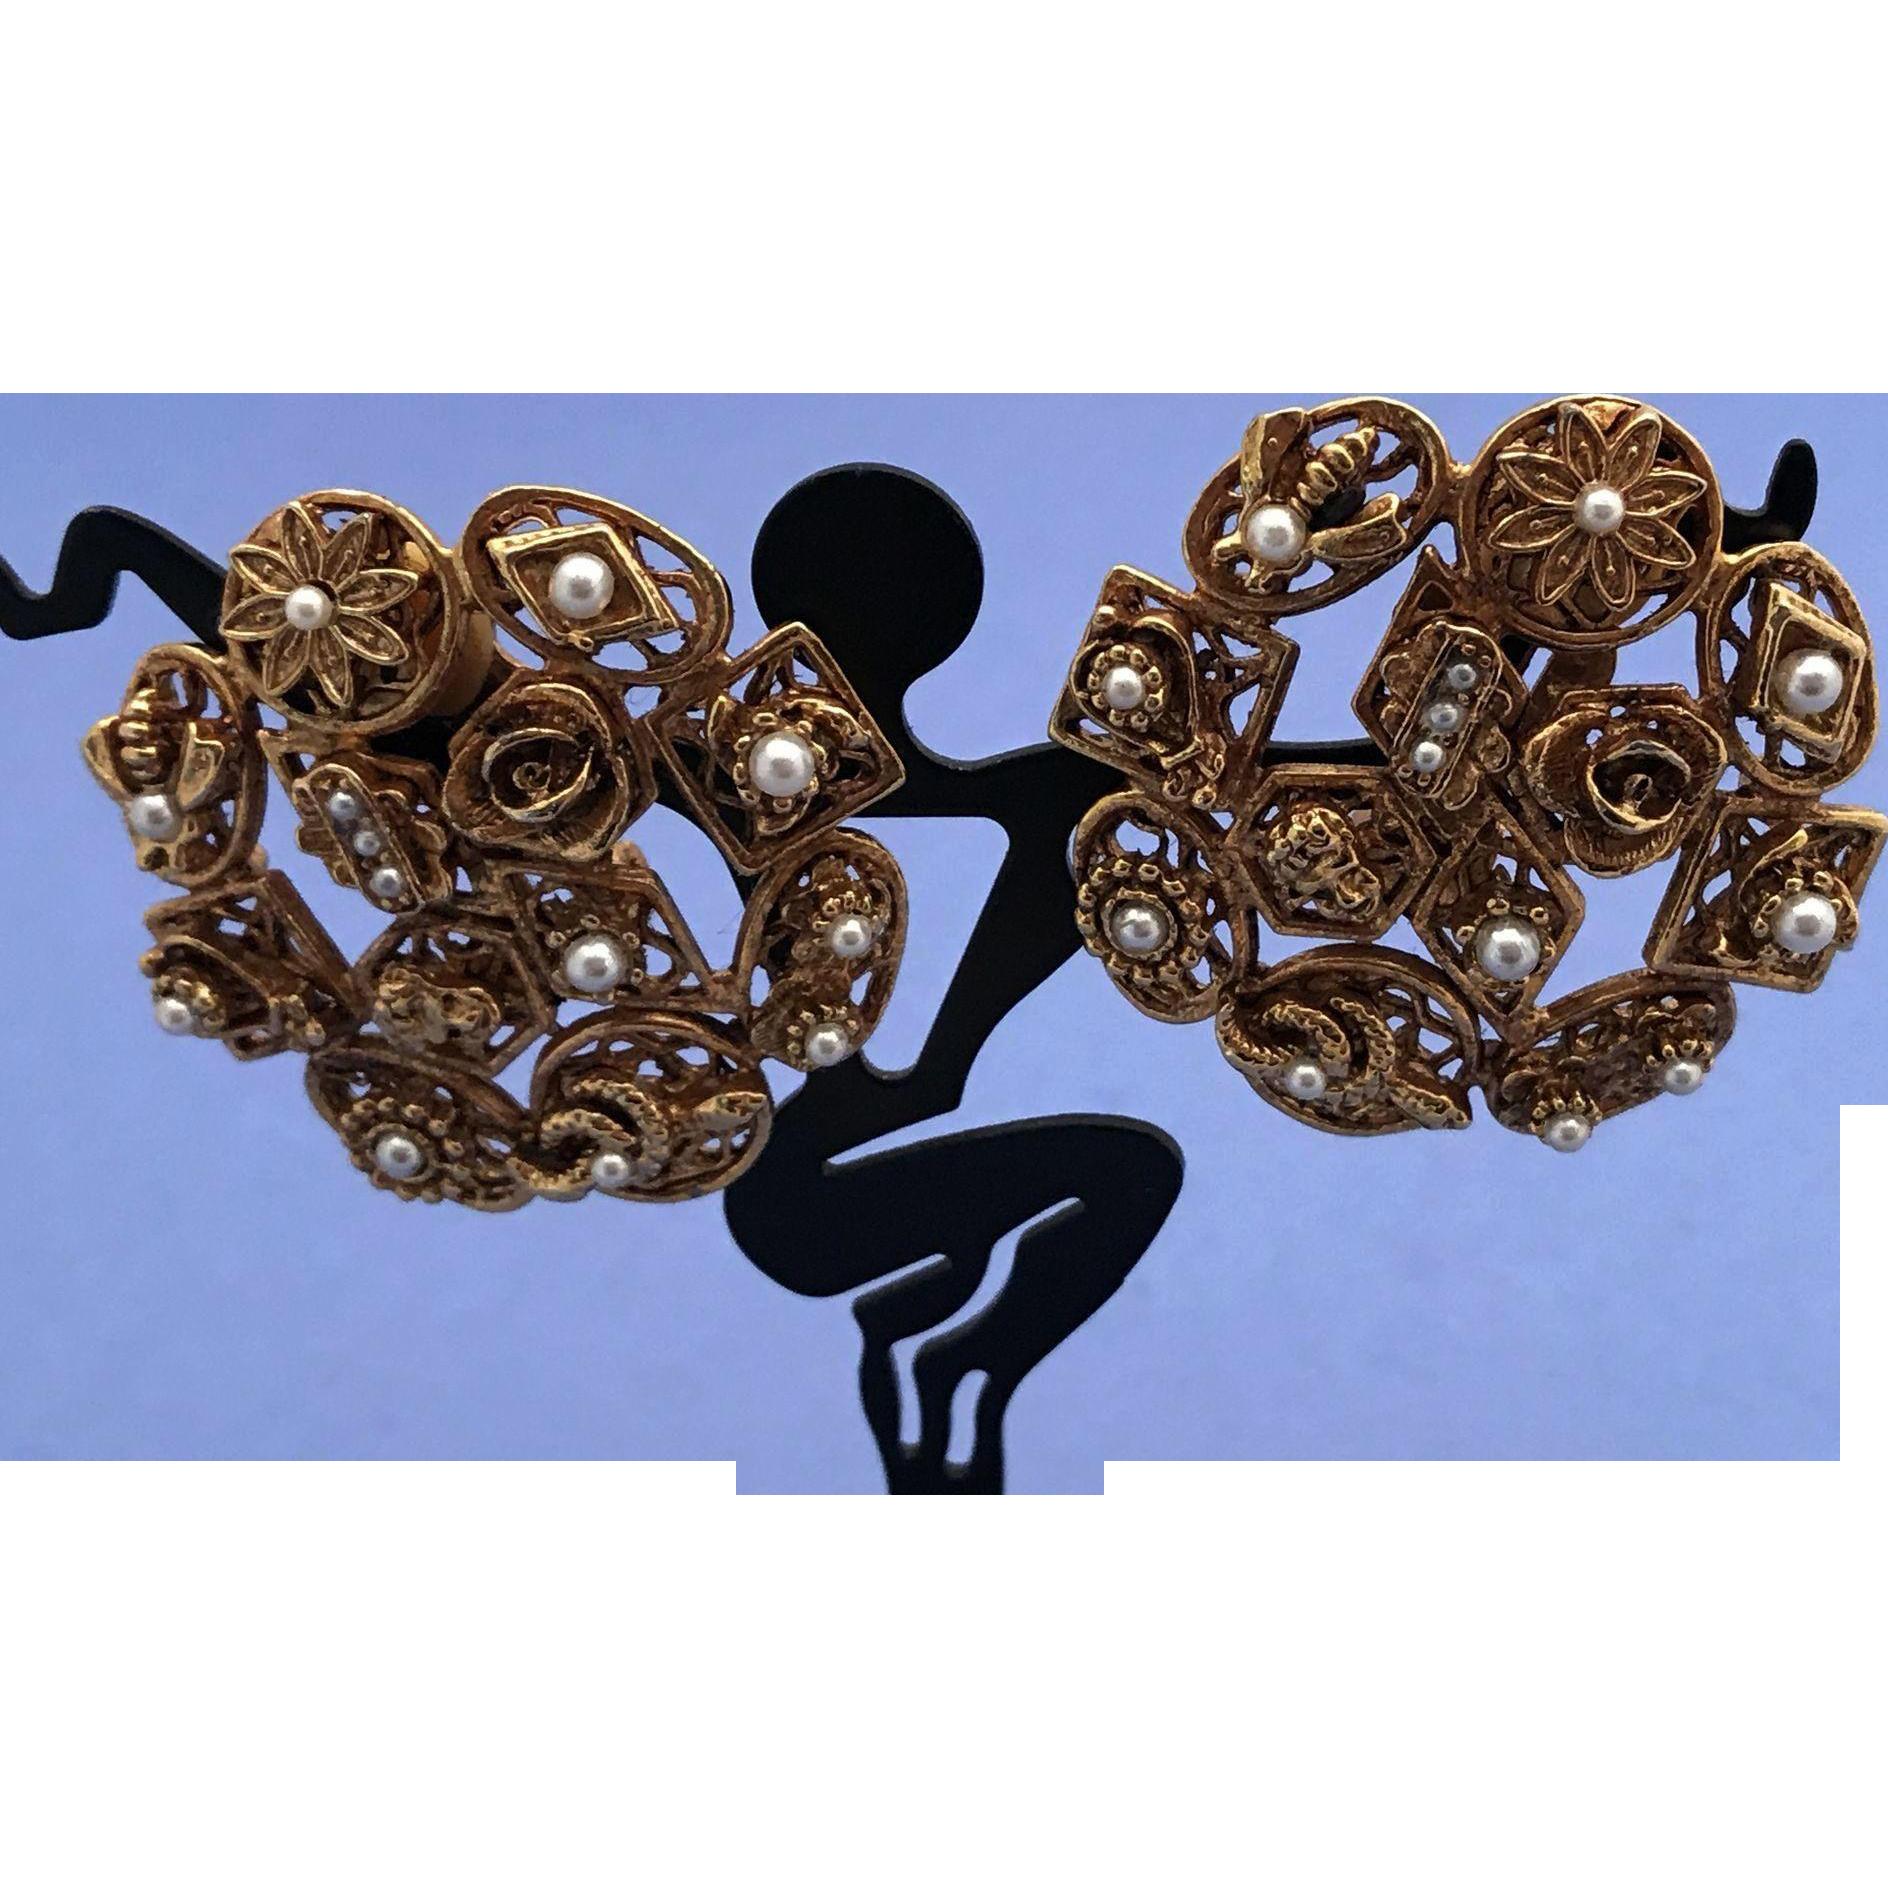 Vintage Slide Charms Earrings Jewelry